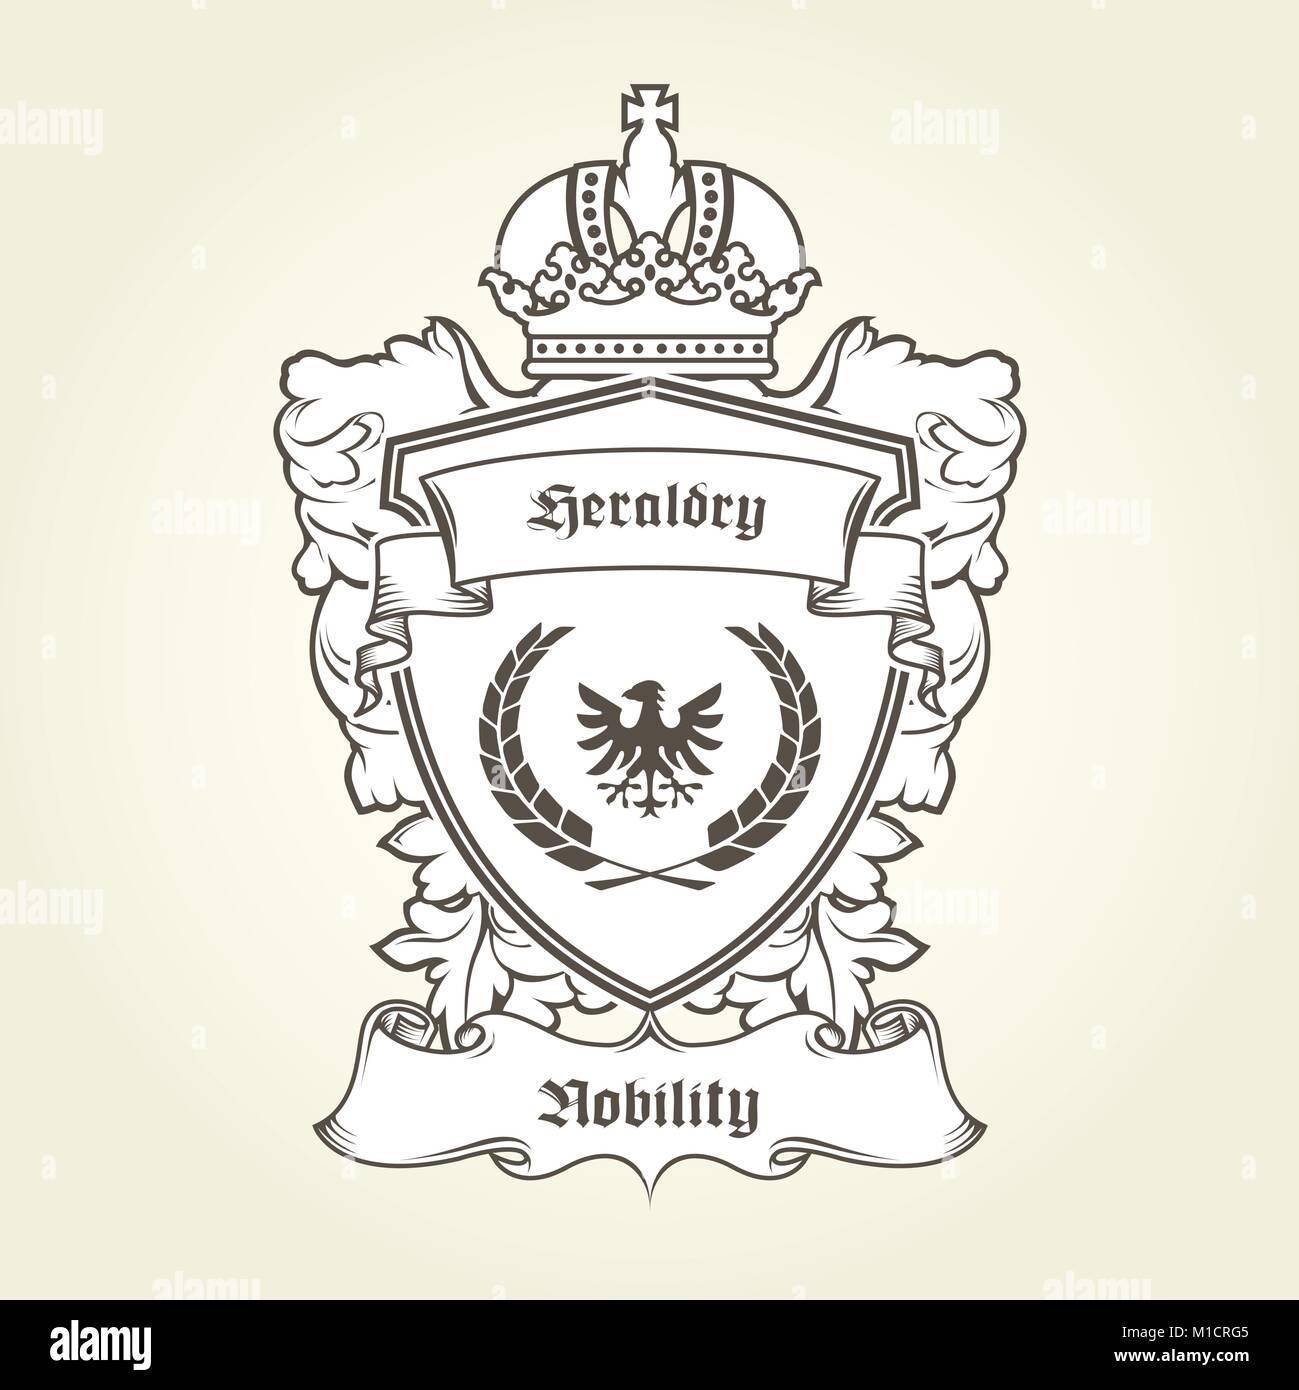 Heraldic Coat Arms Design Crown Imágenes De Stock & Heraldic Coat ...